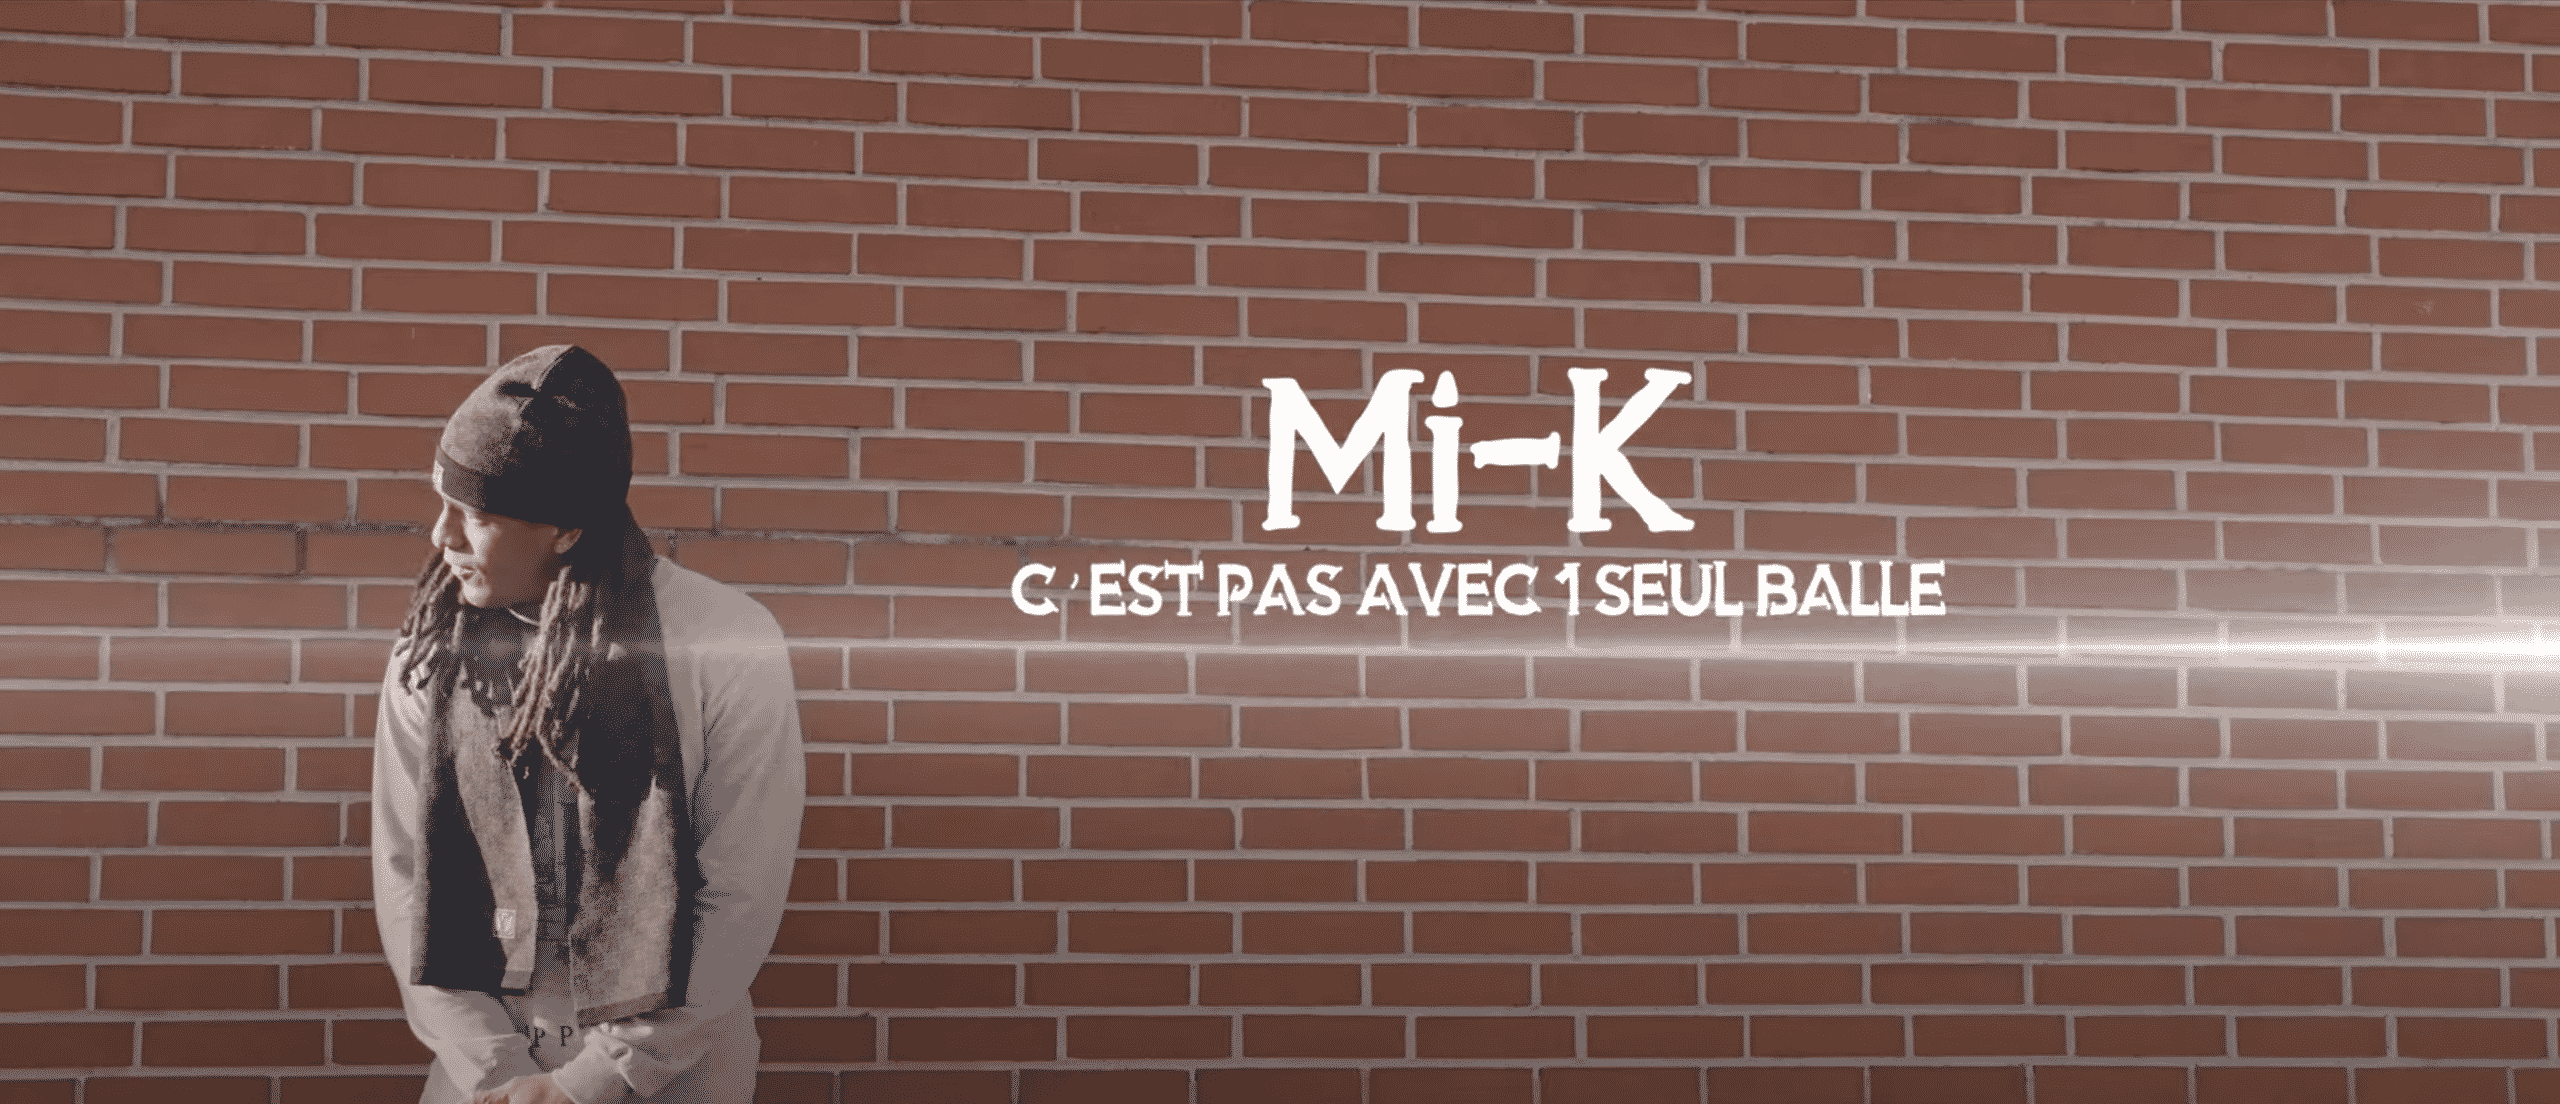 """Mi-K dévoile officiellement """"C'est pas avec 1 seul balle"""""""